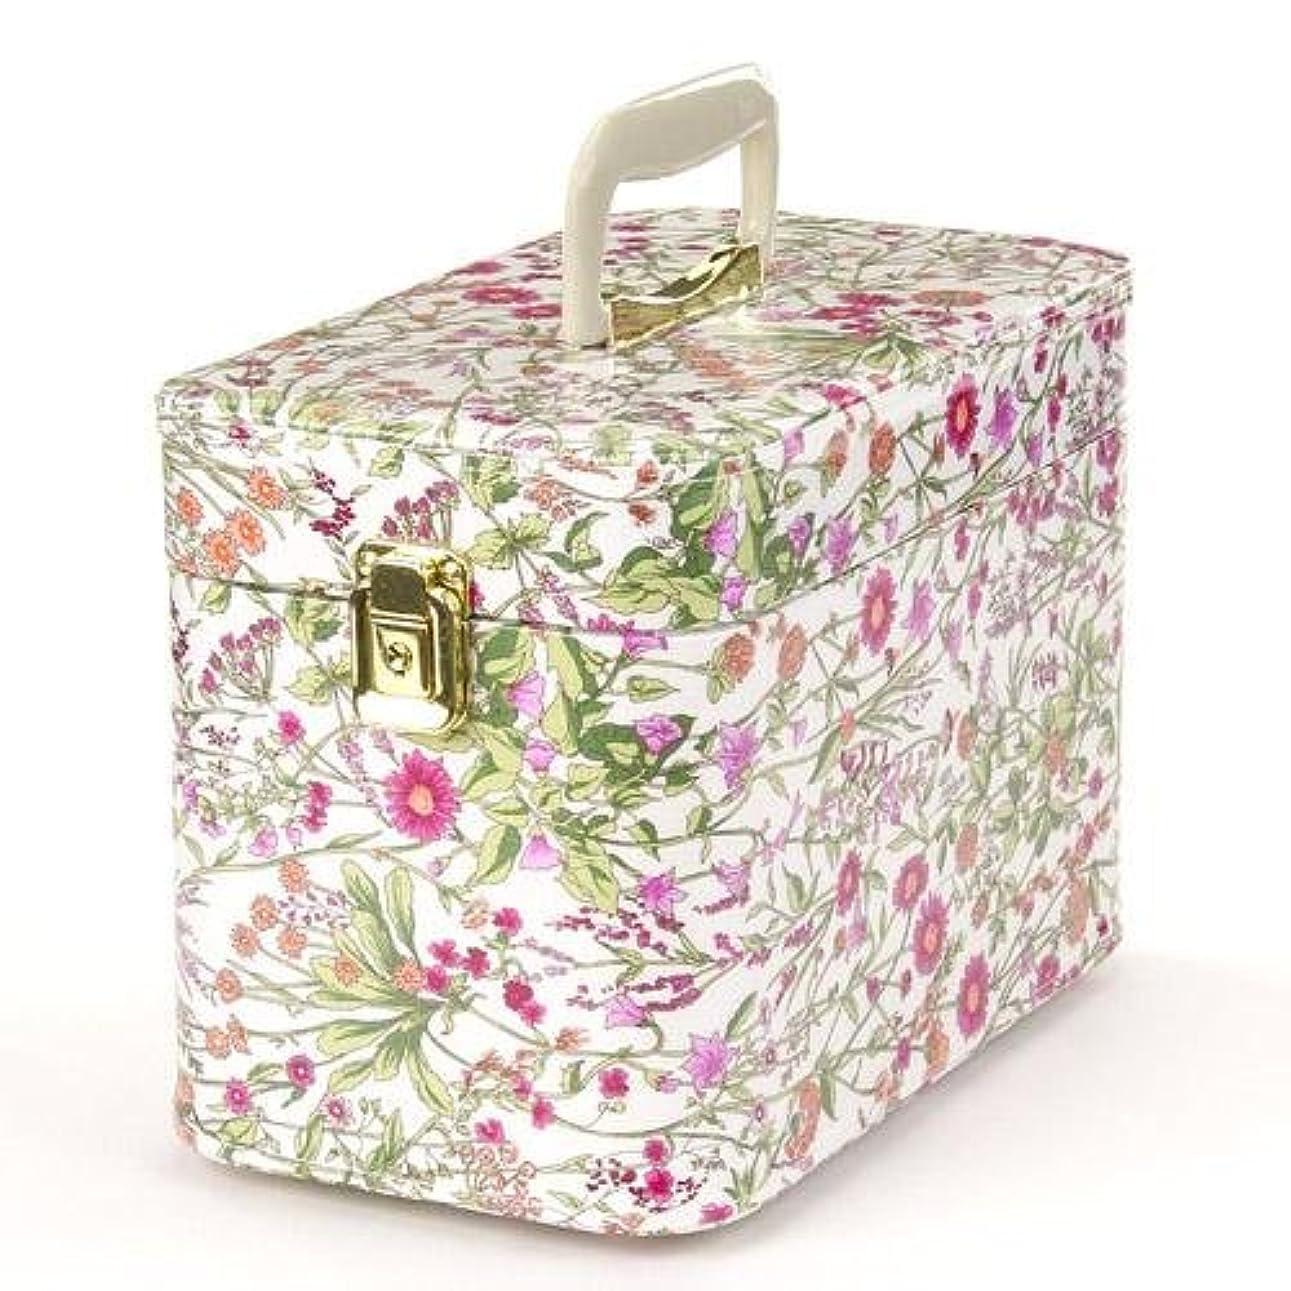 スペクトラムすすり泣き共産主義者日本製 メイクボックス (コスメボックス)ハーブガーデン 30cm ピンク トレンケース(鍵付き/コスメボックス)